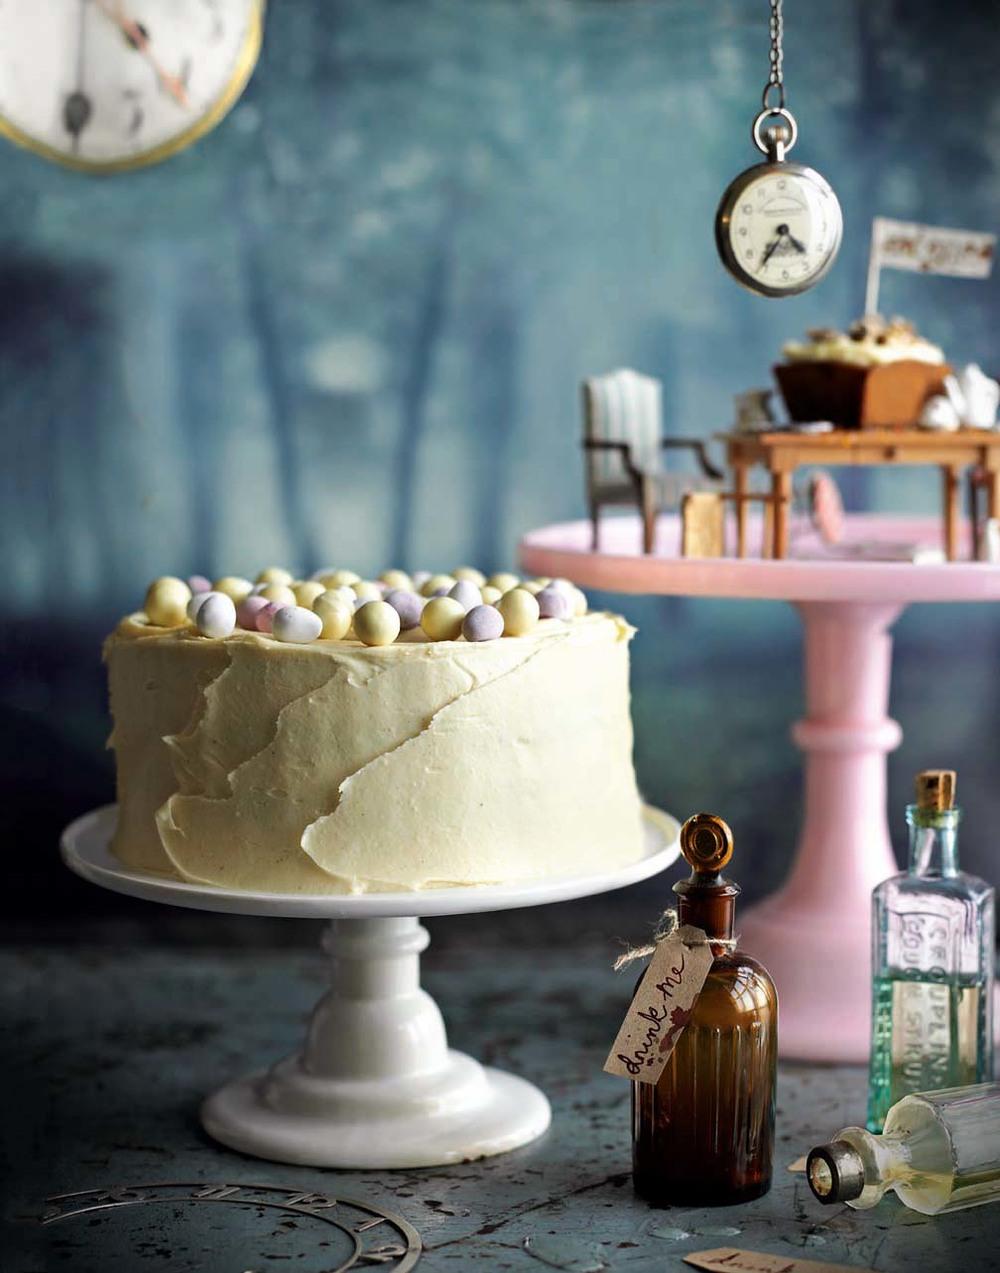 06.opener 2 cake.jpg